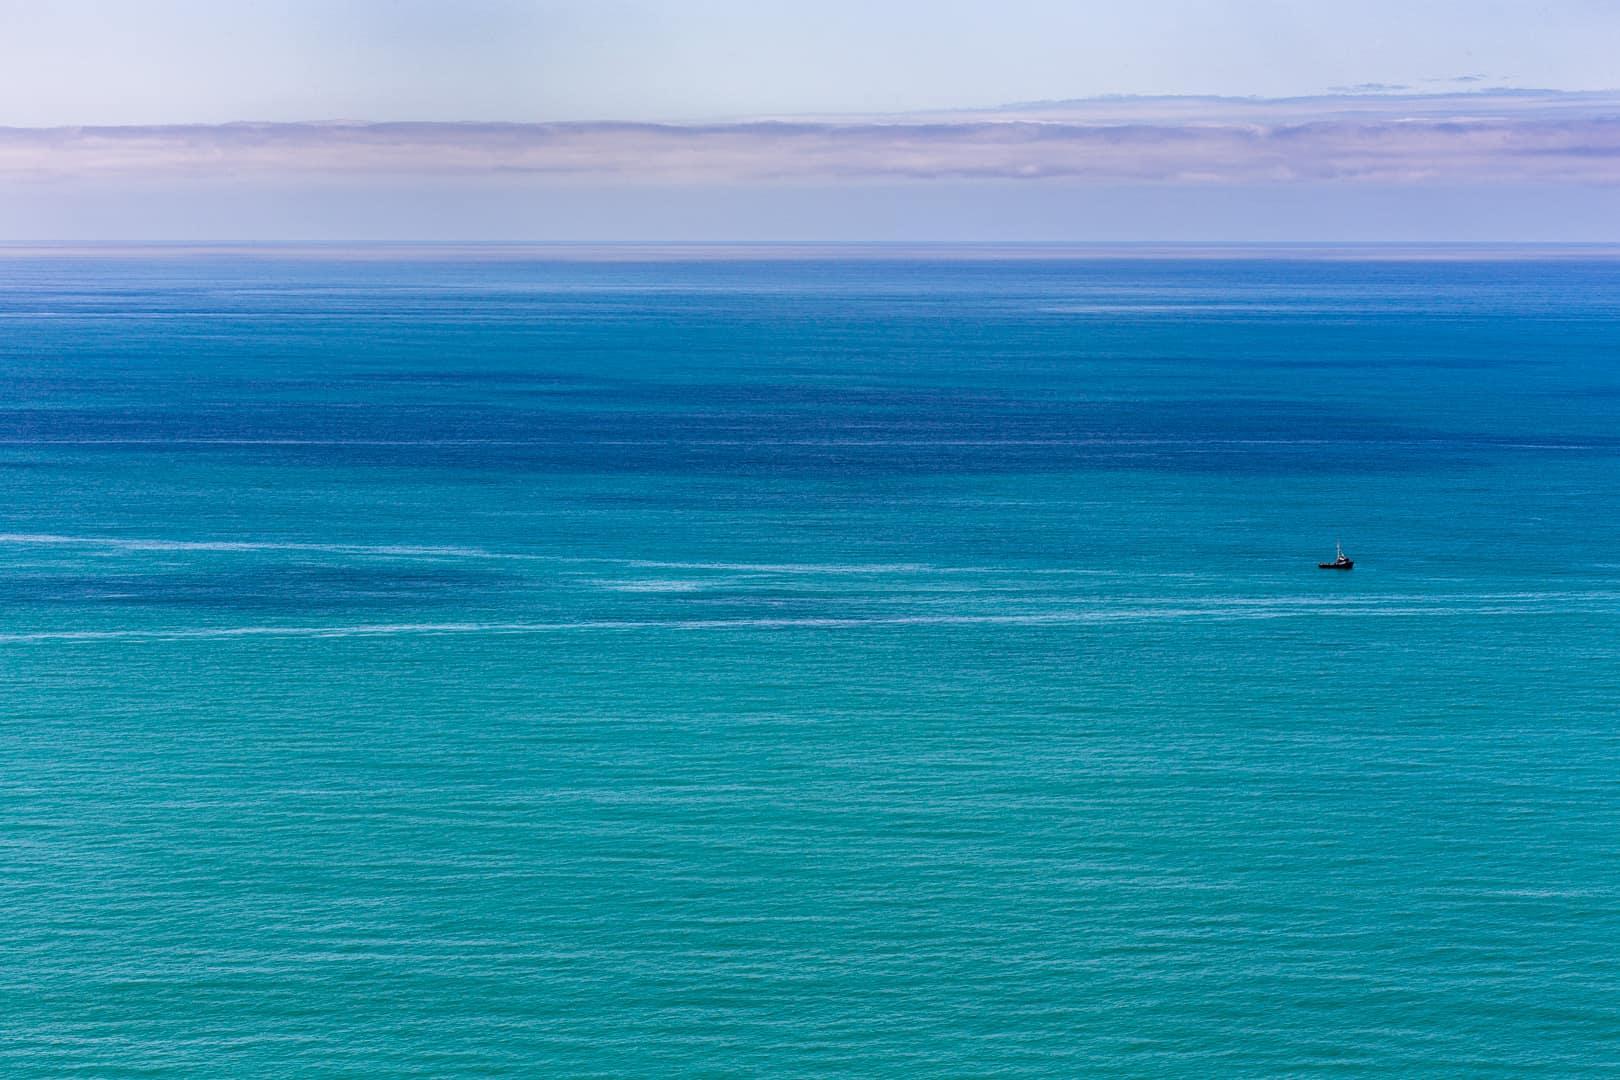 Trawler, Lost Coast, Mendocino, March 2016